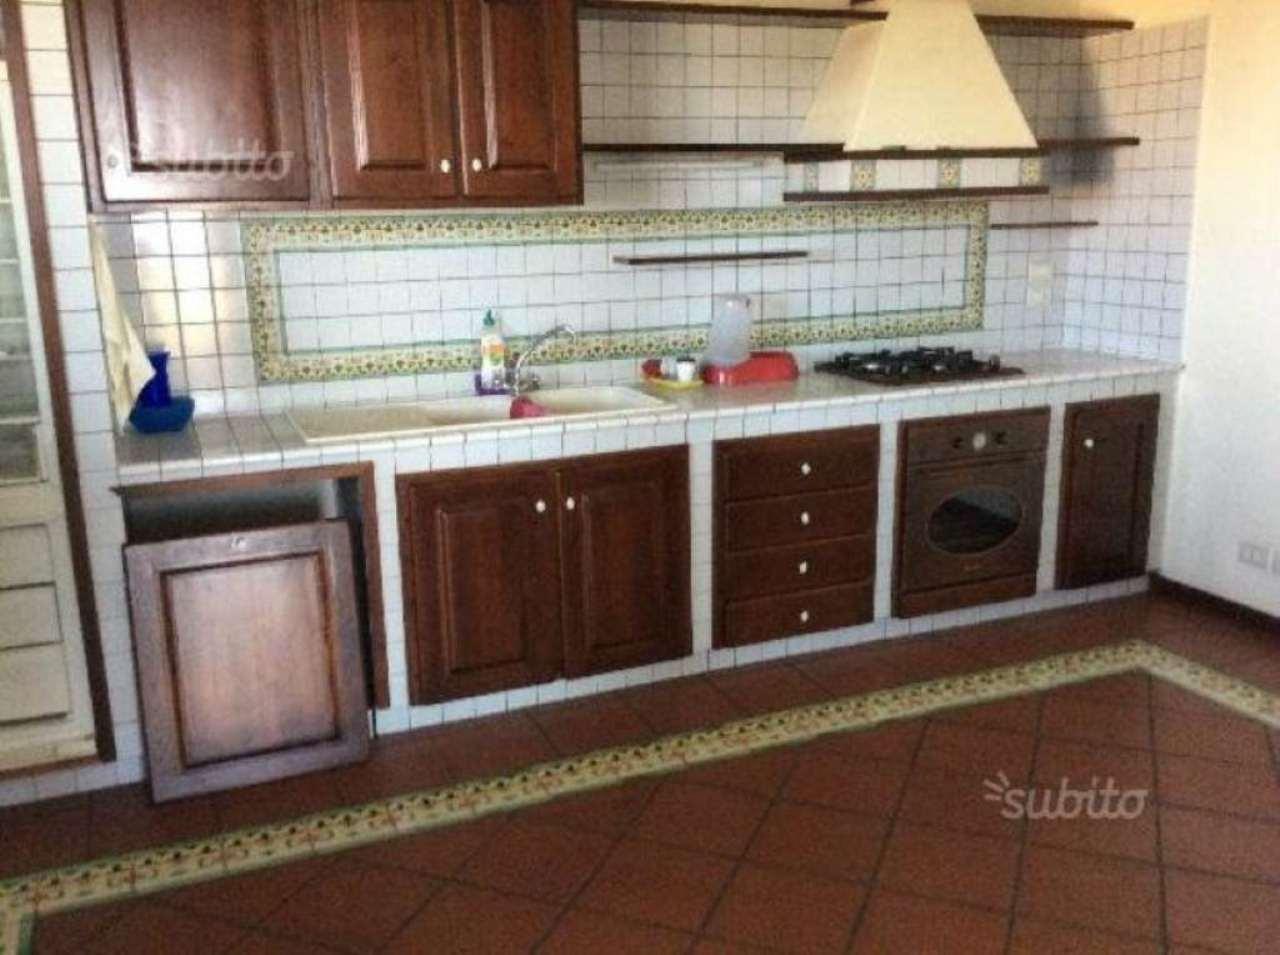 Attico / Mansarda in affitto a Sant'Agata Li Battiati, 9999 locali, prezzo € 800 | Cambio Casa.it